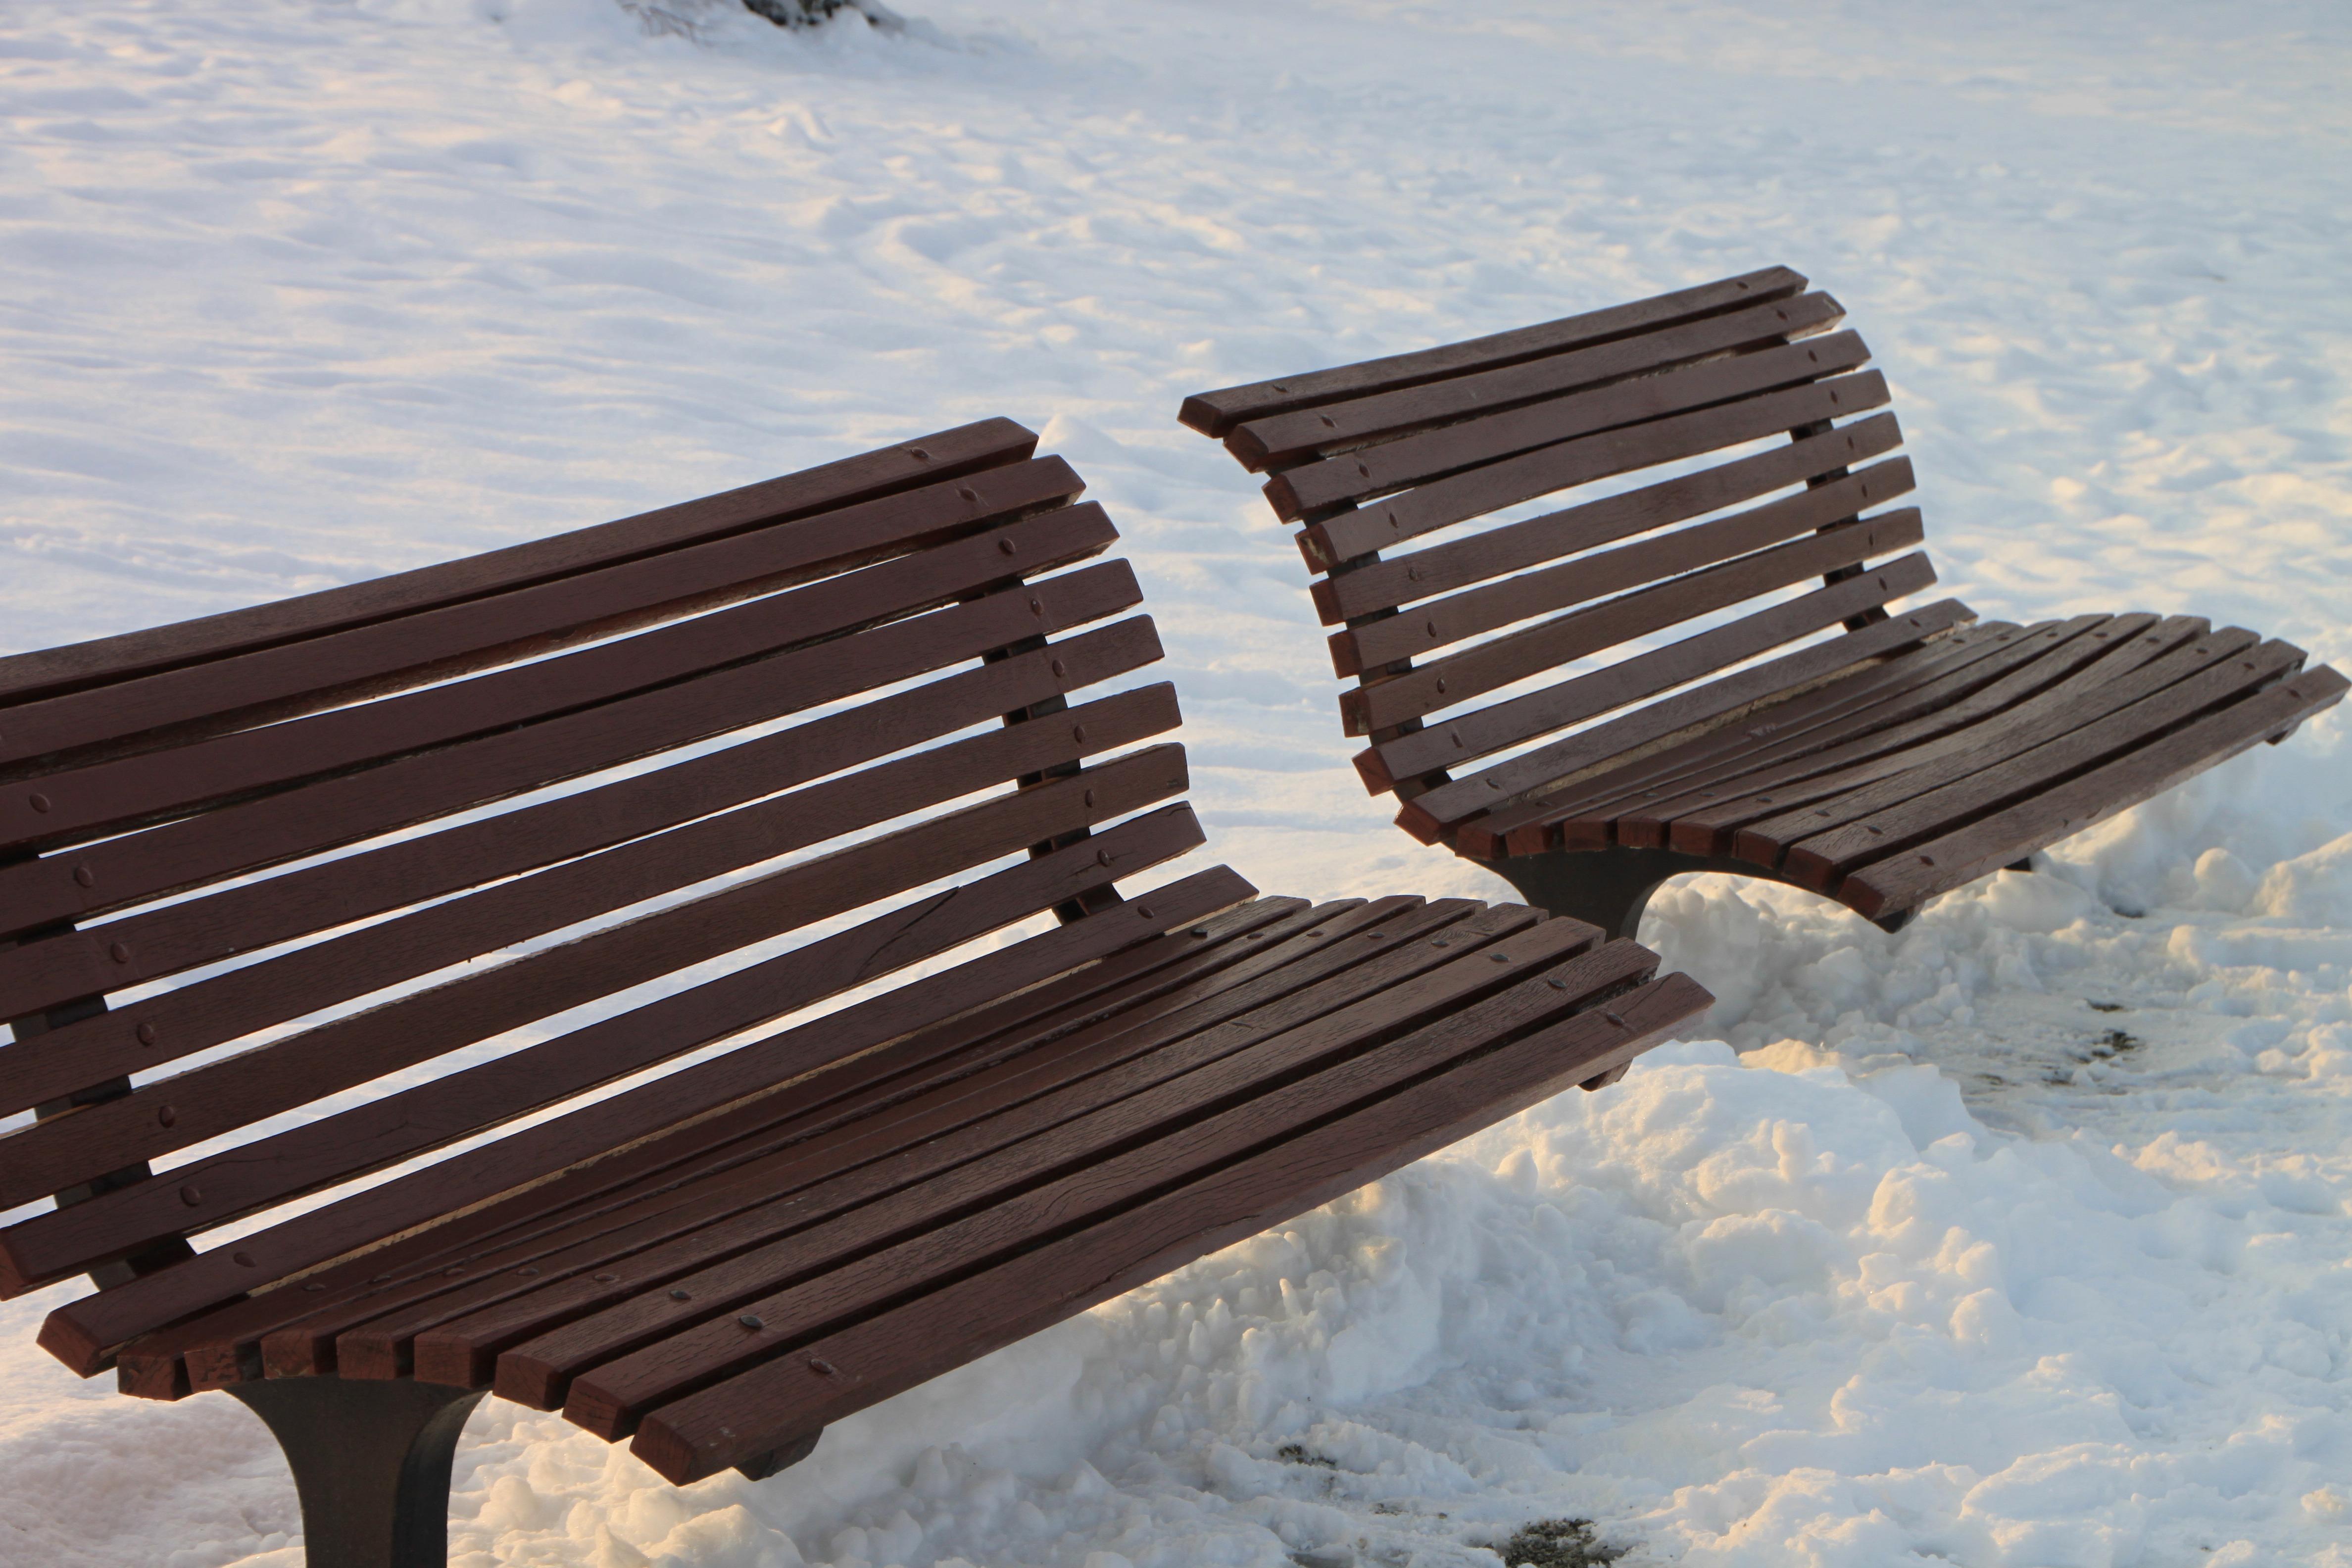 무료 이미지 : 표, 눈, 감기, 겨울, 목재, 벤치, 의자, 편하게 하다 ...